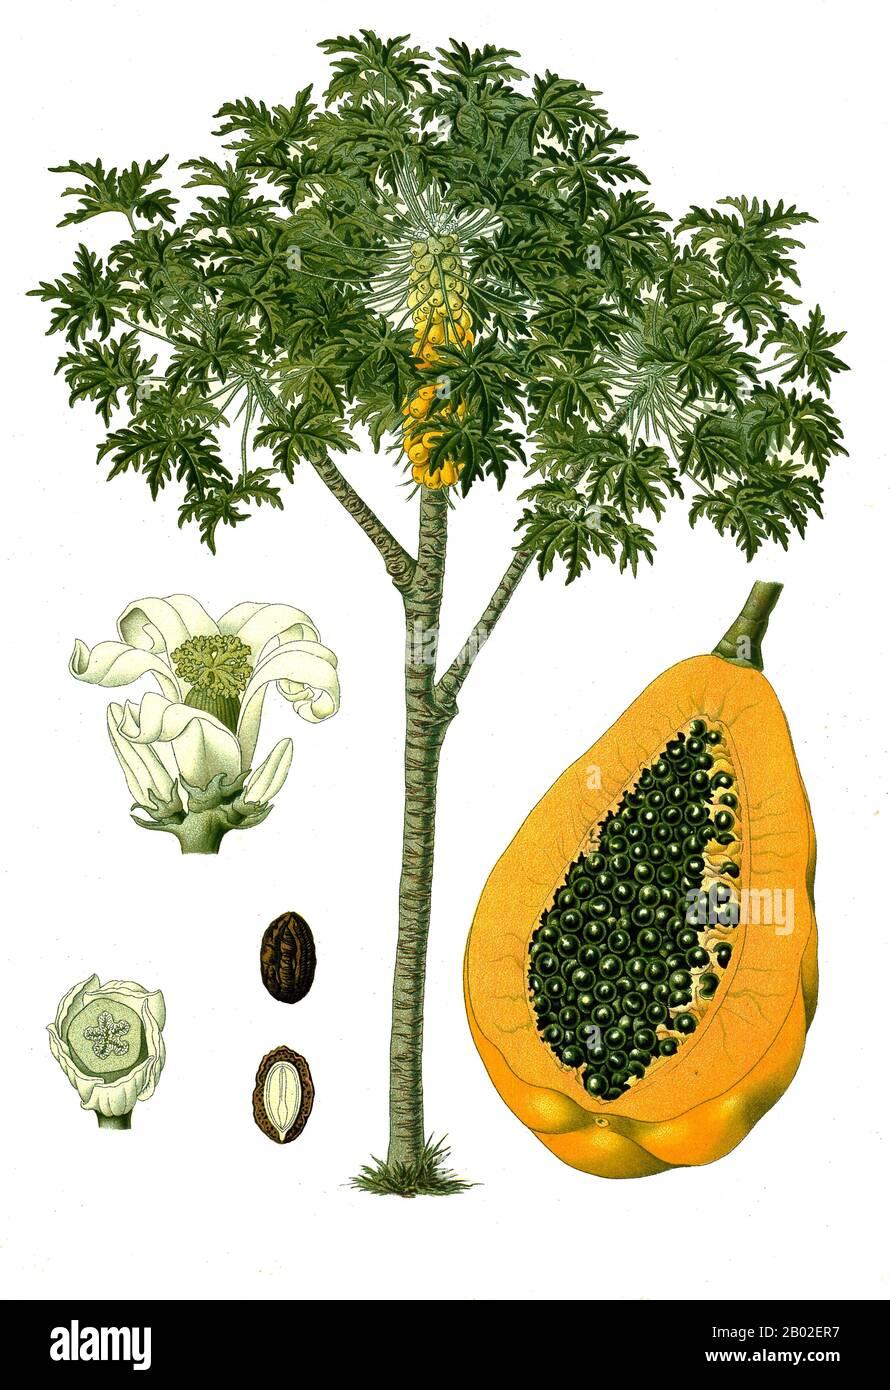 La papaya (de Carib via Spanish), papaw, o pawpaw es el fruto de la planta Carica papaya, la única especie en el género Carica de la familia de plantas Caricaceae. Es nativa de los trópicos de las Américas, quizás del sur de México y de la vecina América Central. Fue cultivada por primera vez en México varios siglos antes de la aparición de las civilizaciones clásicas mesoamericanas. La papaya es una planta grande, parecida a un árbol, con un solo tallo que crece de 5 a 10 m (16 a 33 pies) de altura, con hojas dispuestas en espiral confinadas a la parte superior del tronco. El tronco inferior está visiblemente marcado con una cicatriz Foto de stock